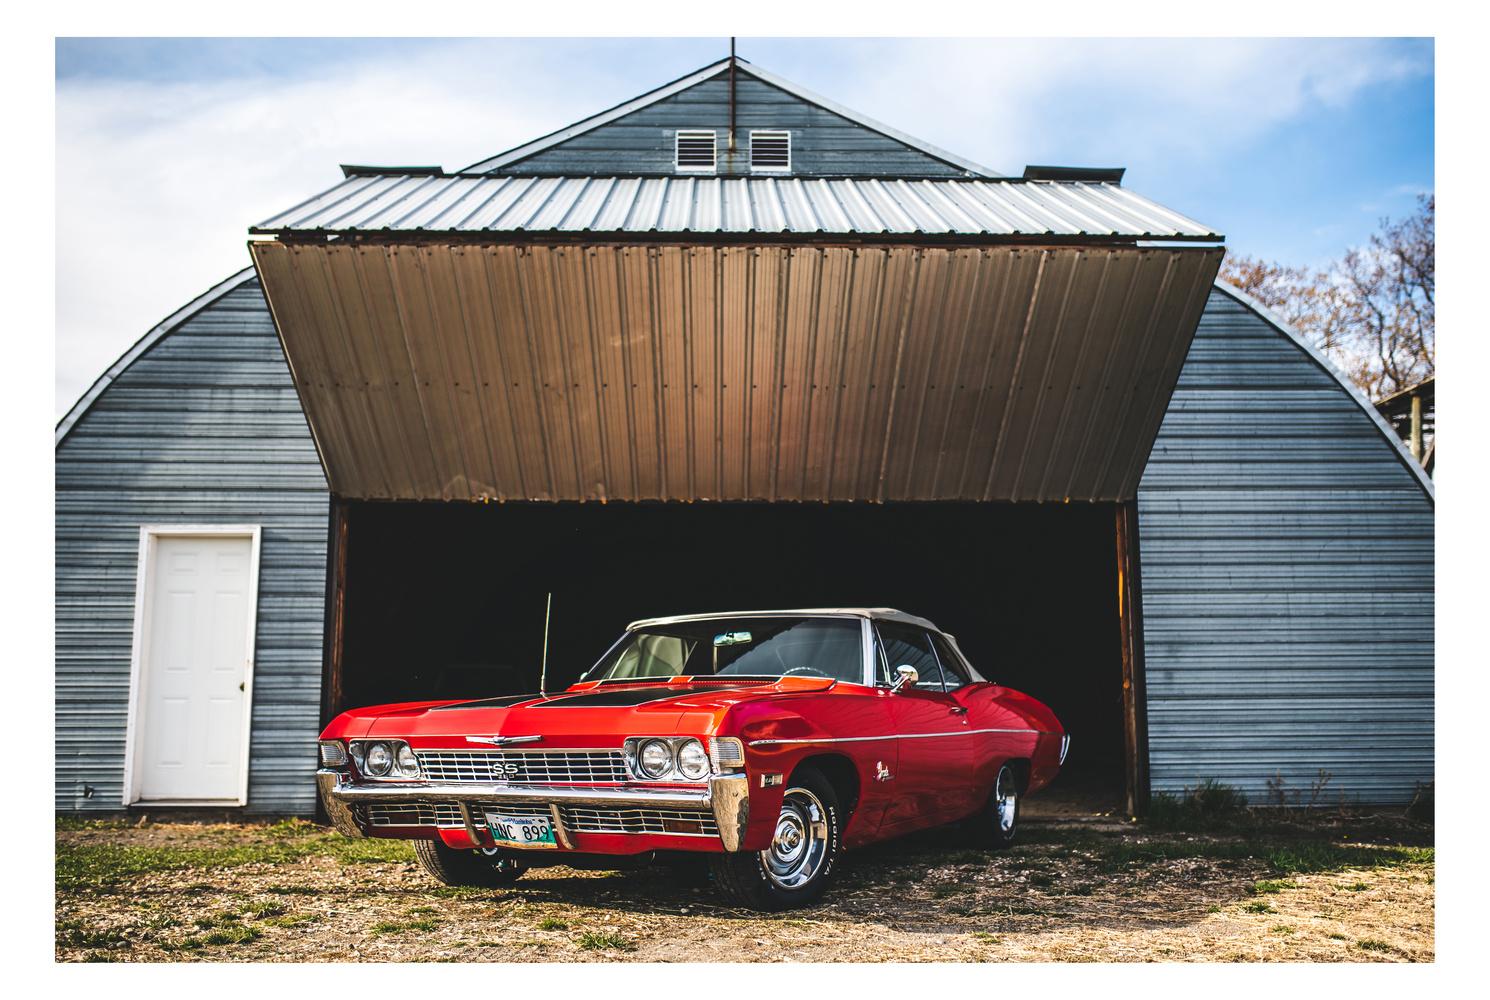 1968 Impala by Alejandro Penner